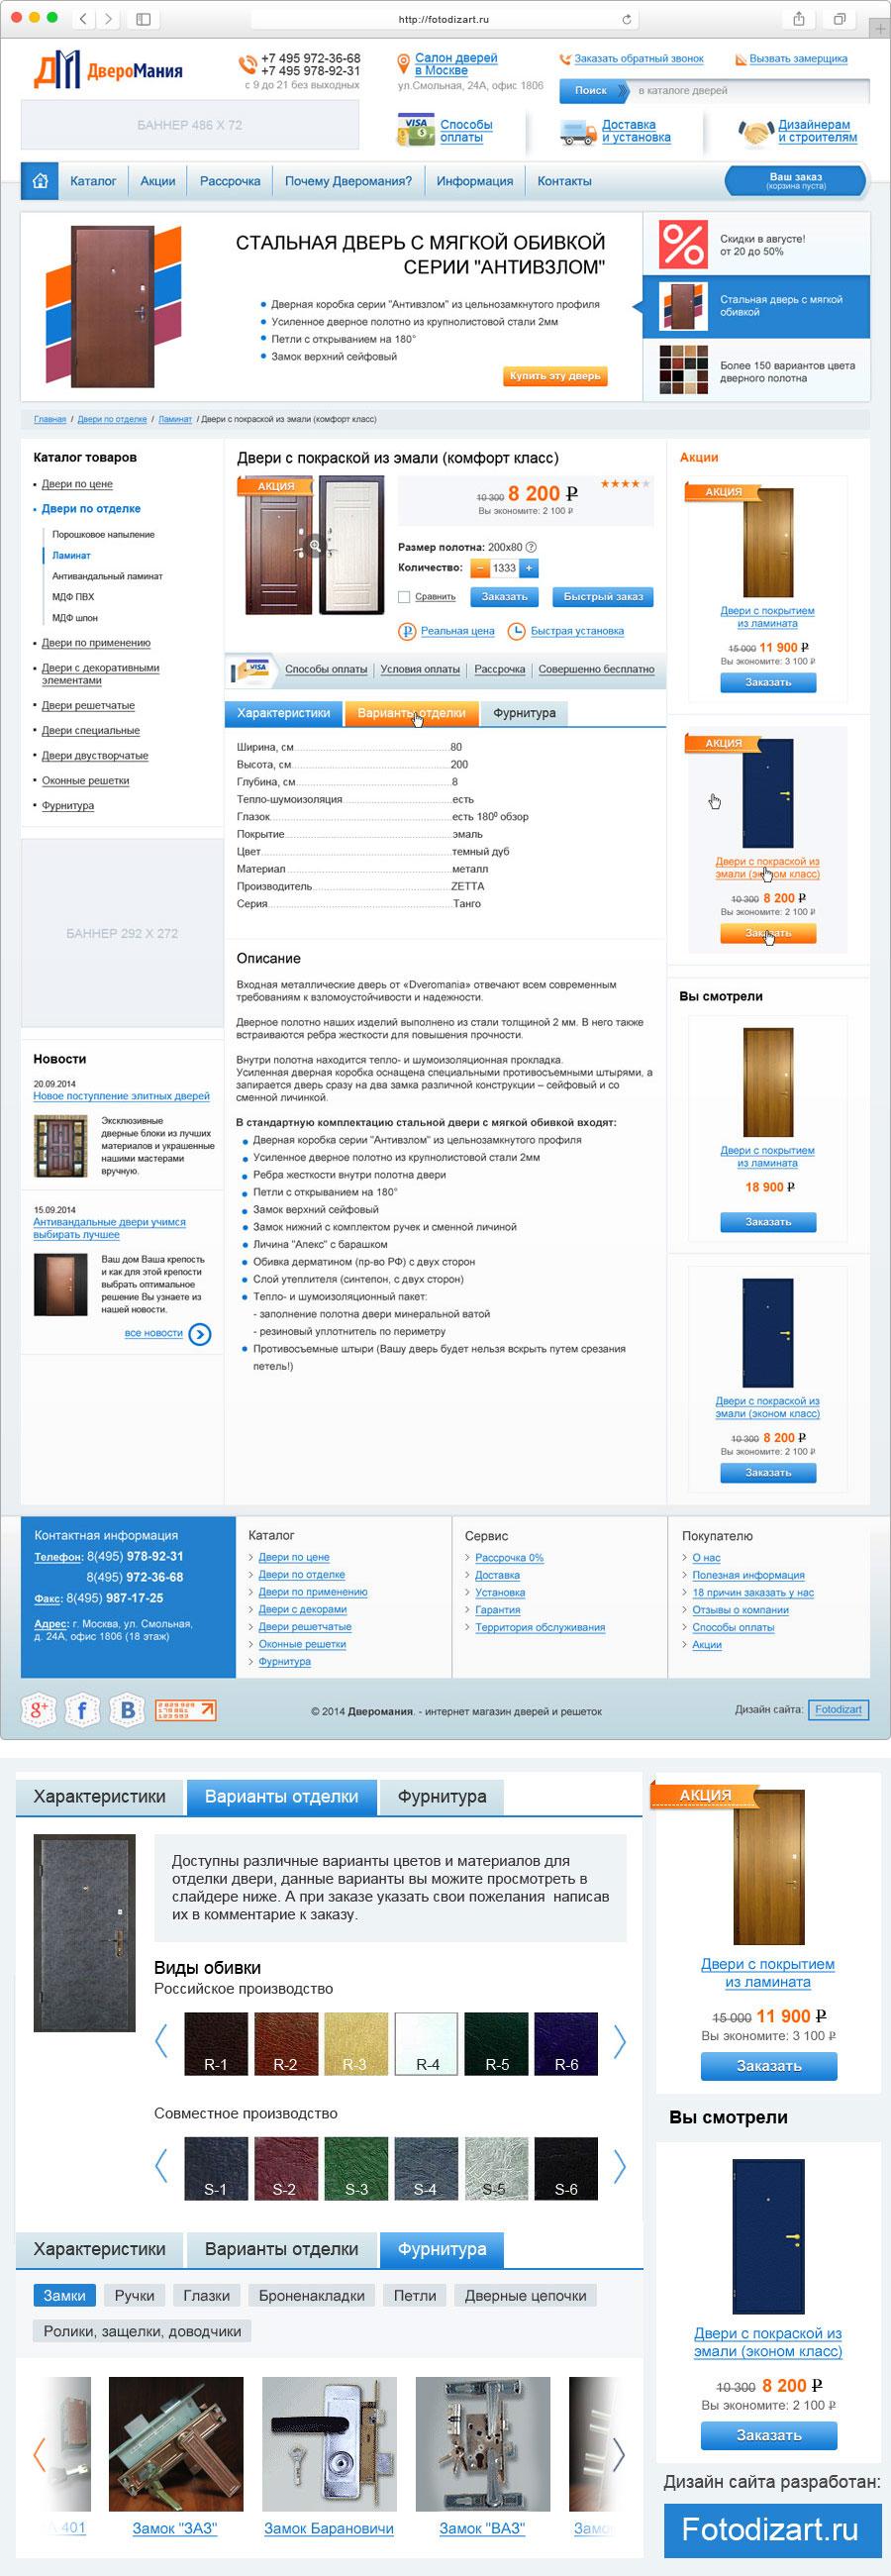 дизайн катрочки товара интернет-каталога